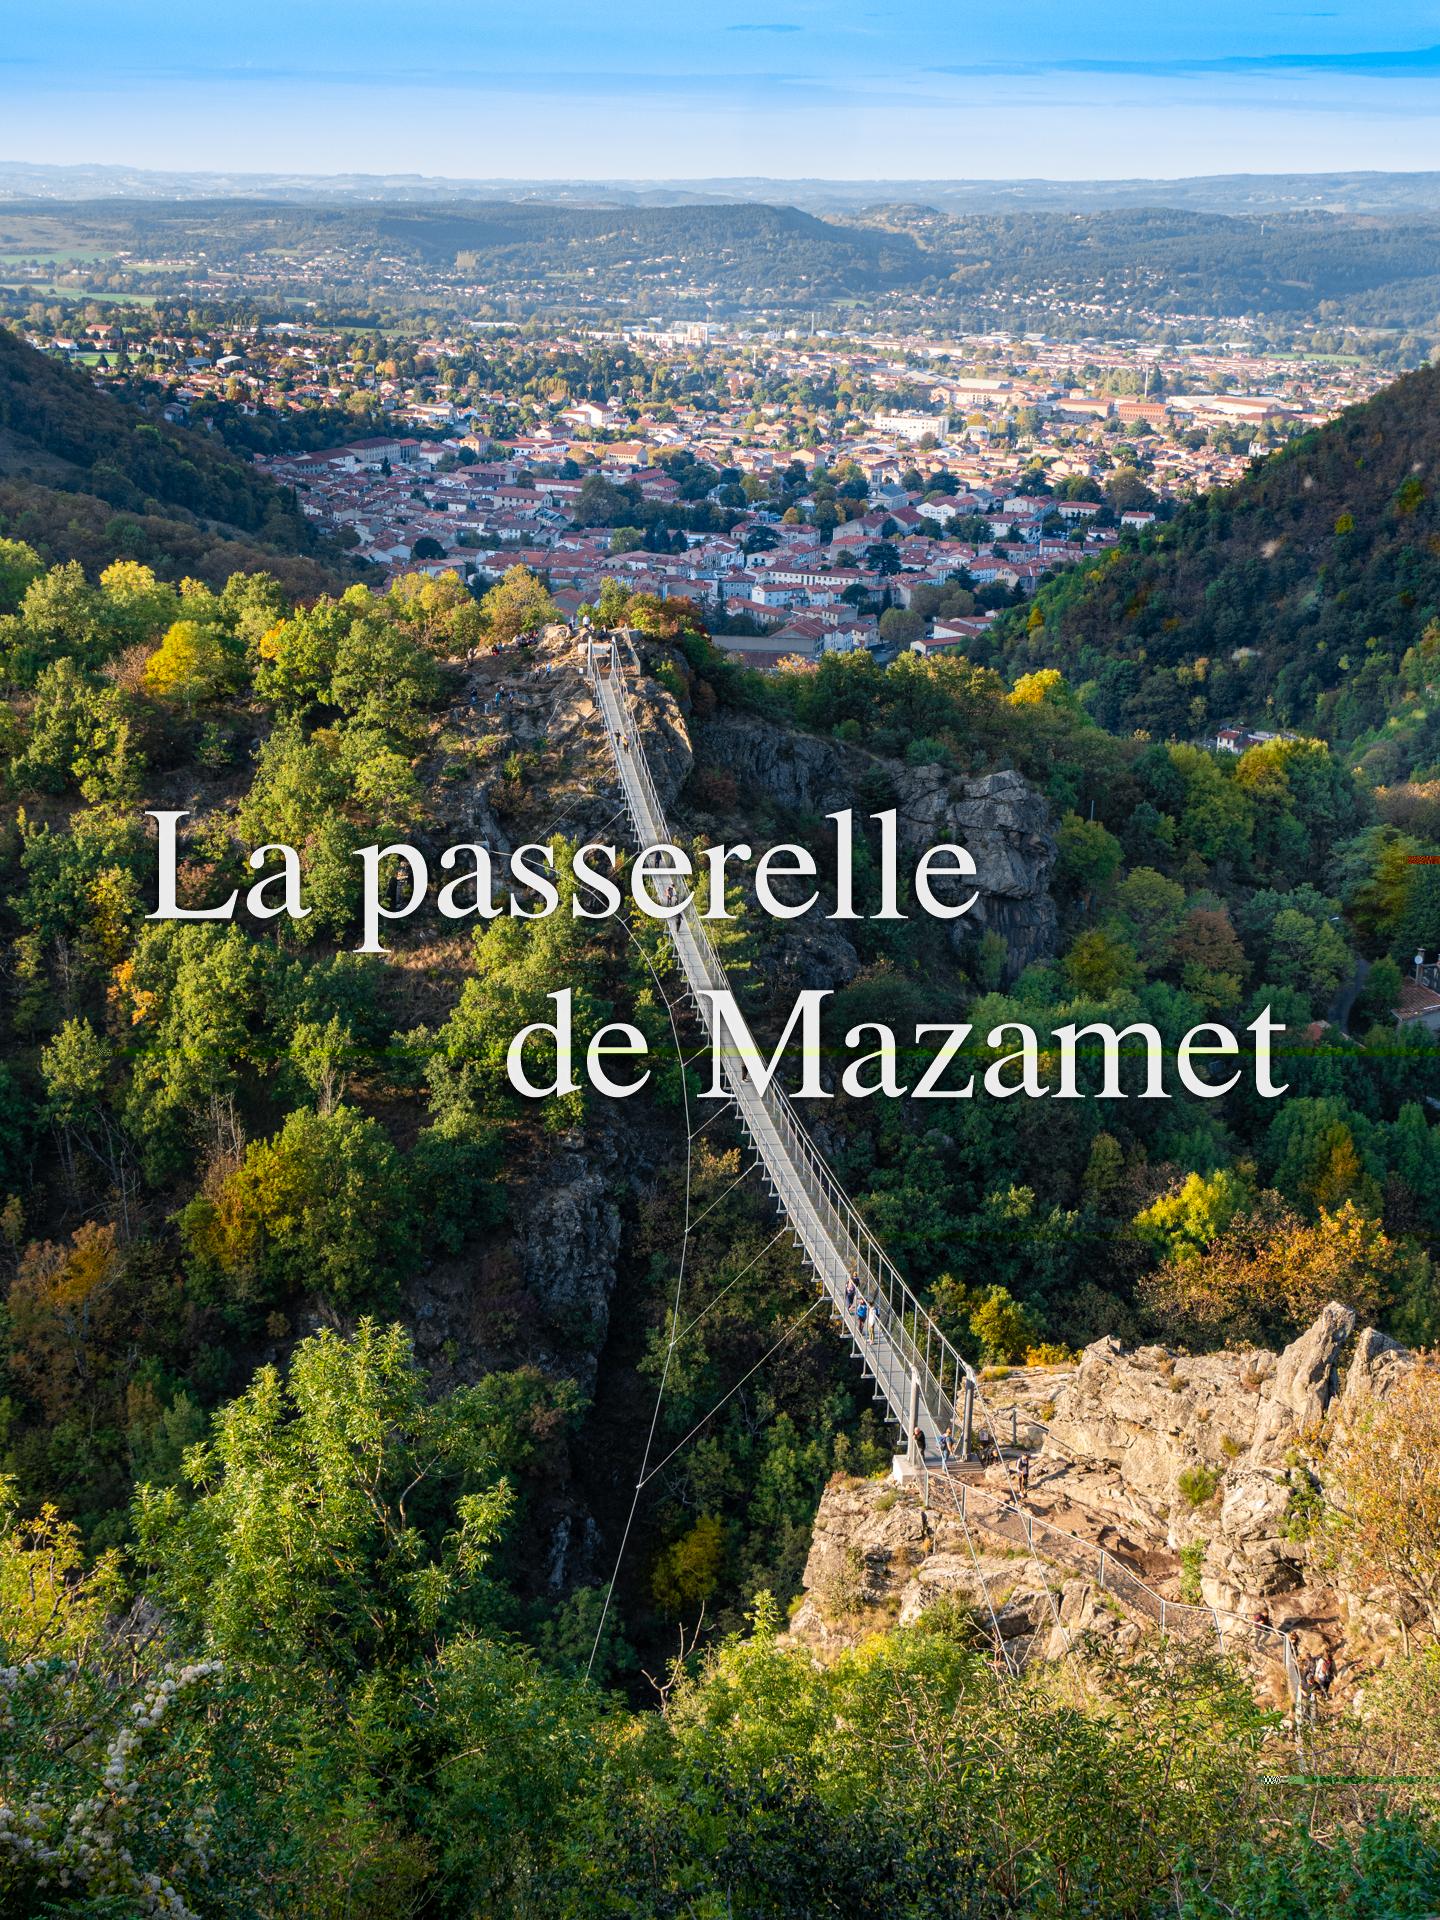 La passerelle de Mazamet